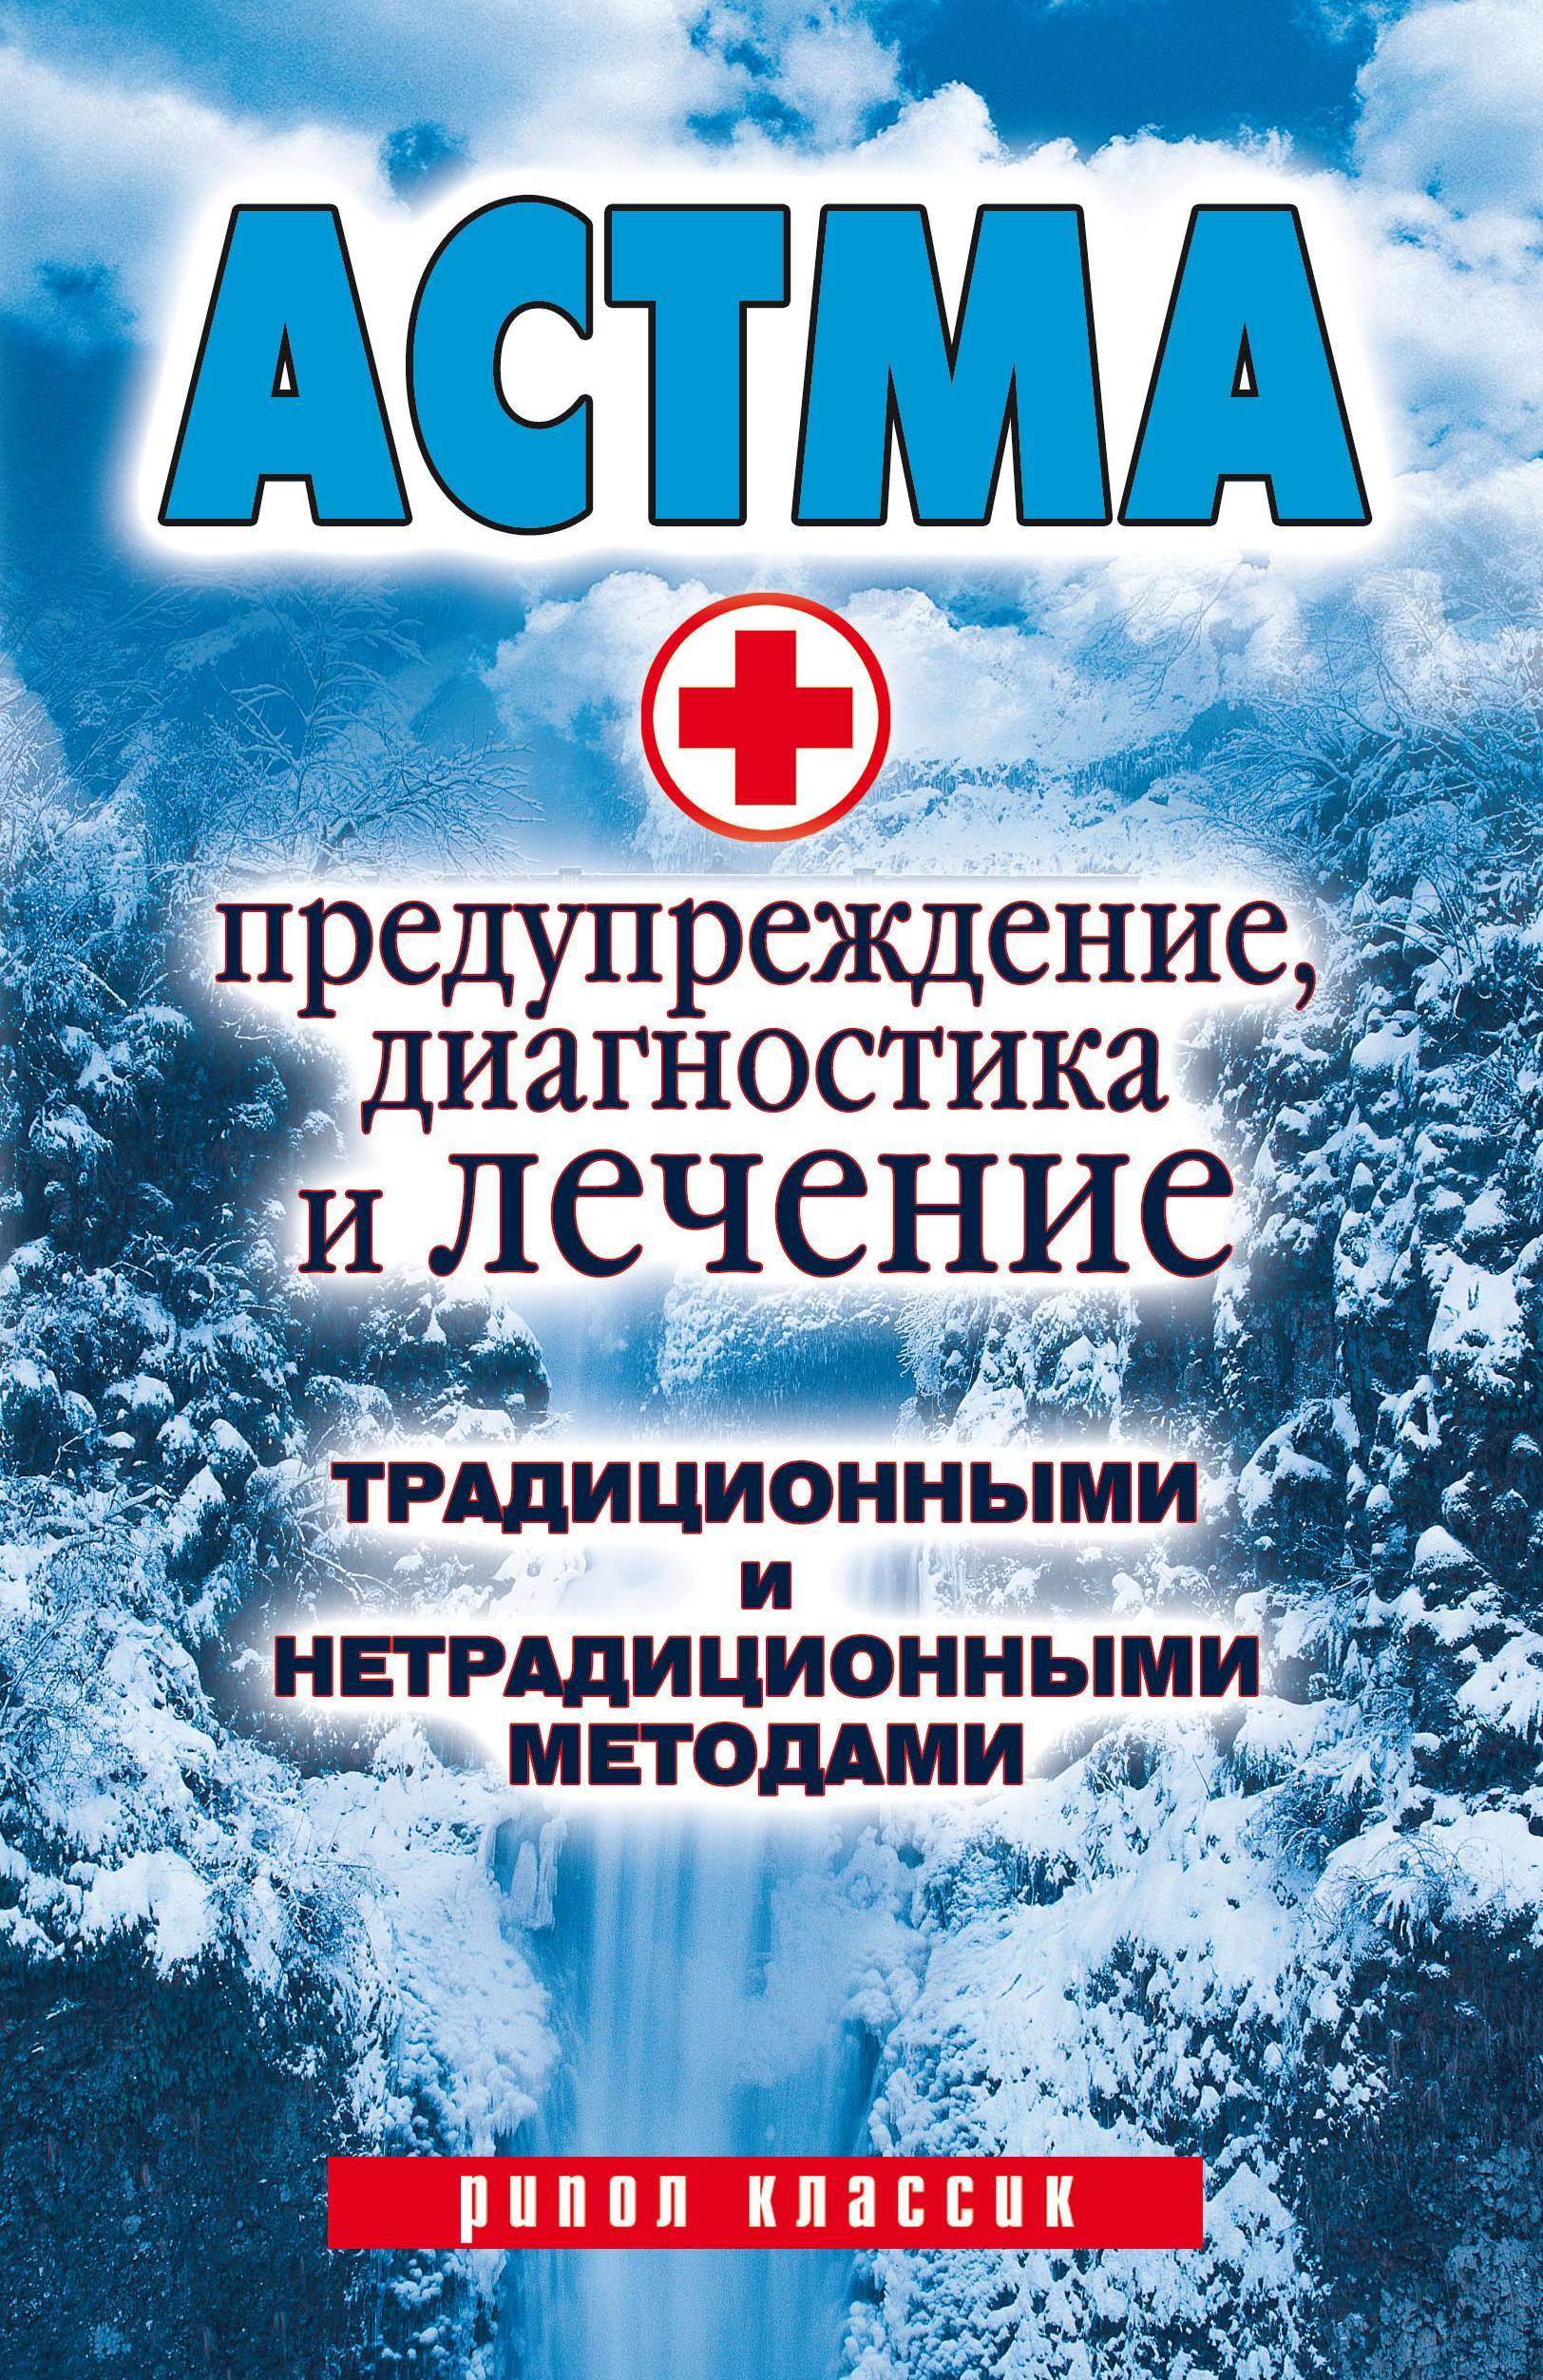 Особенности аспириновой астмы, причины, методы диагностики и лечения